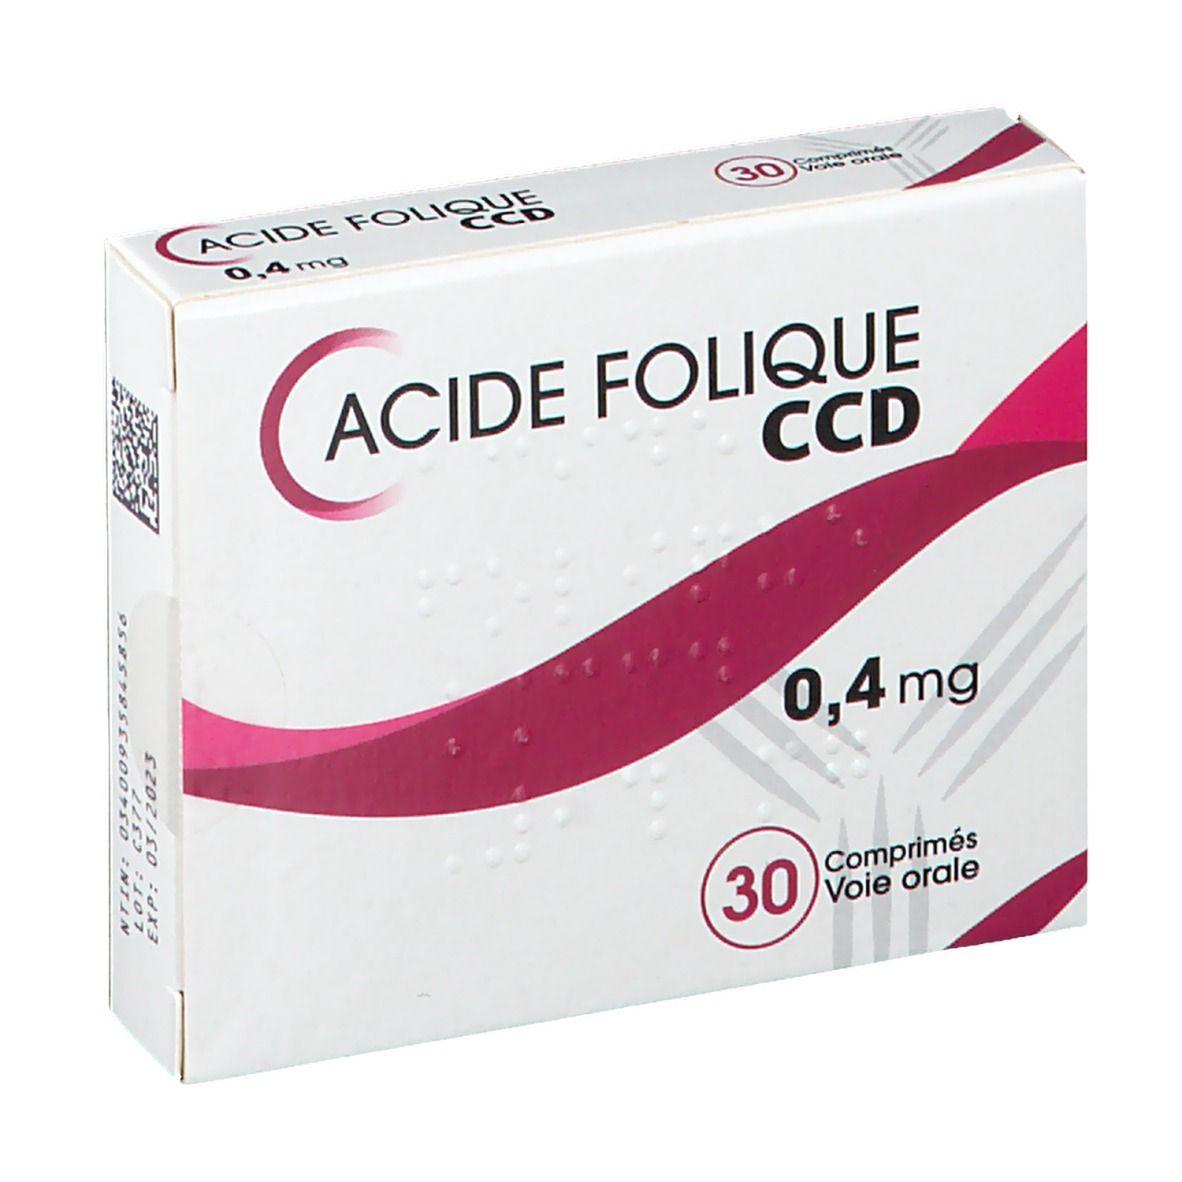 C.c.d. Laboratoire C.C.D. Acide Folique 0,4 mg pc(s) comprimé(s)